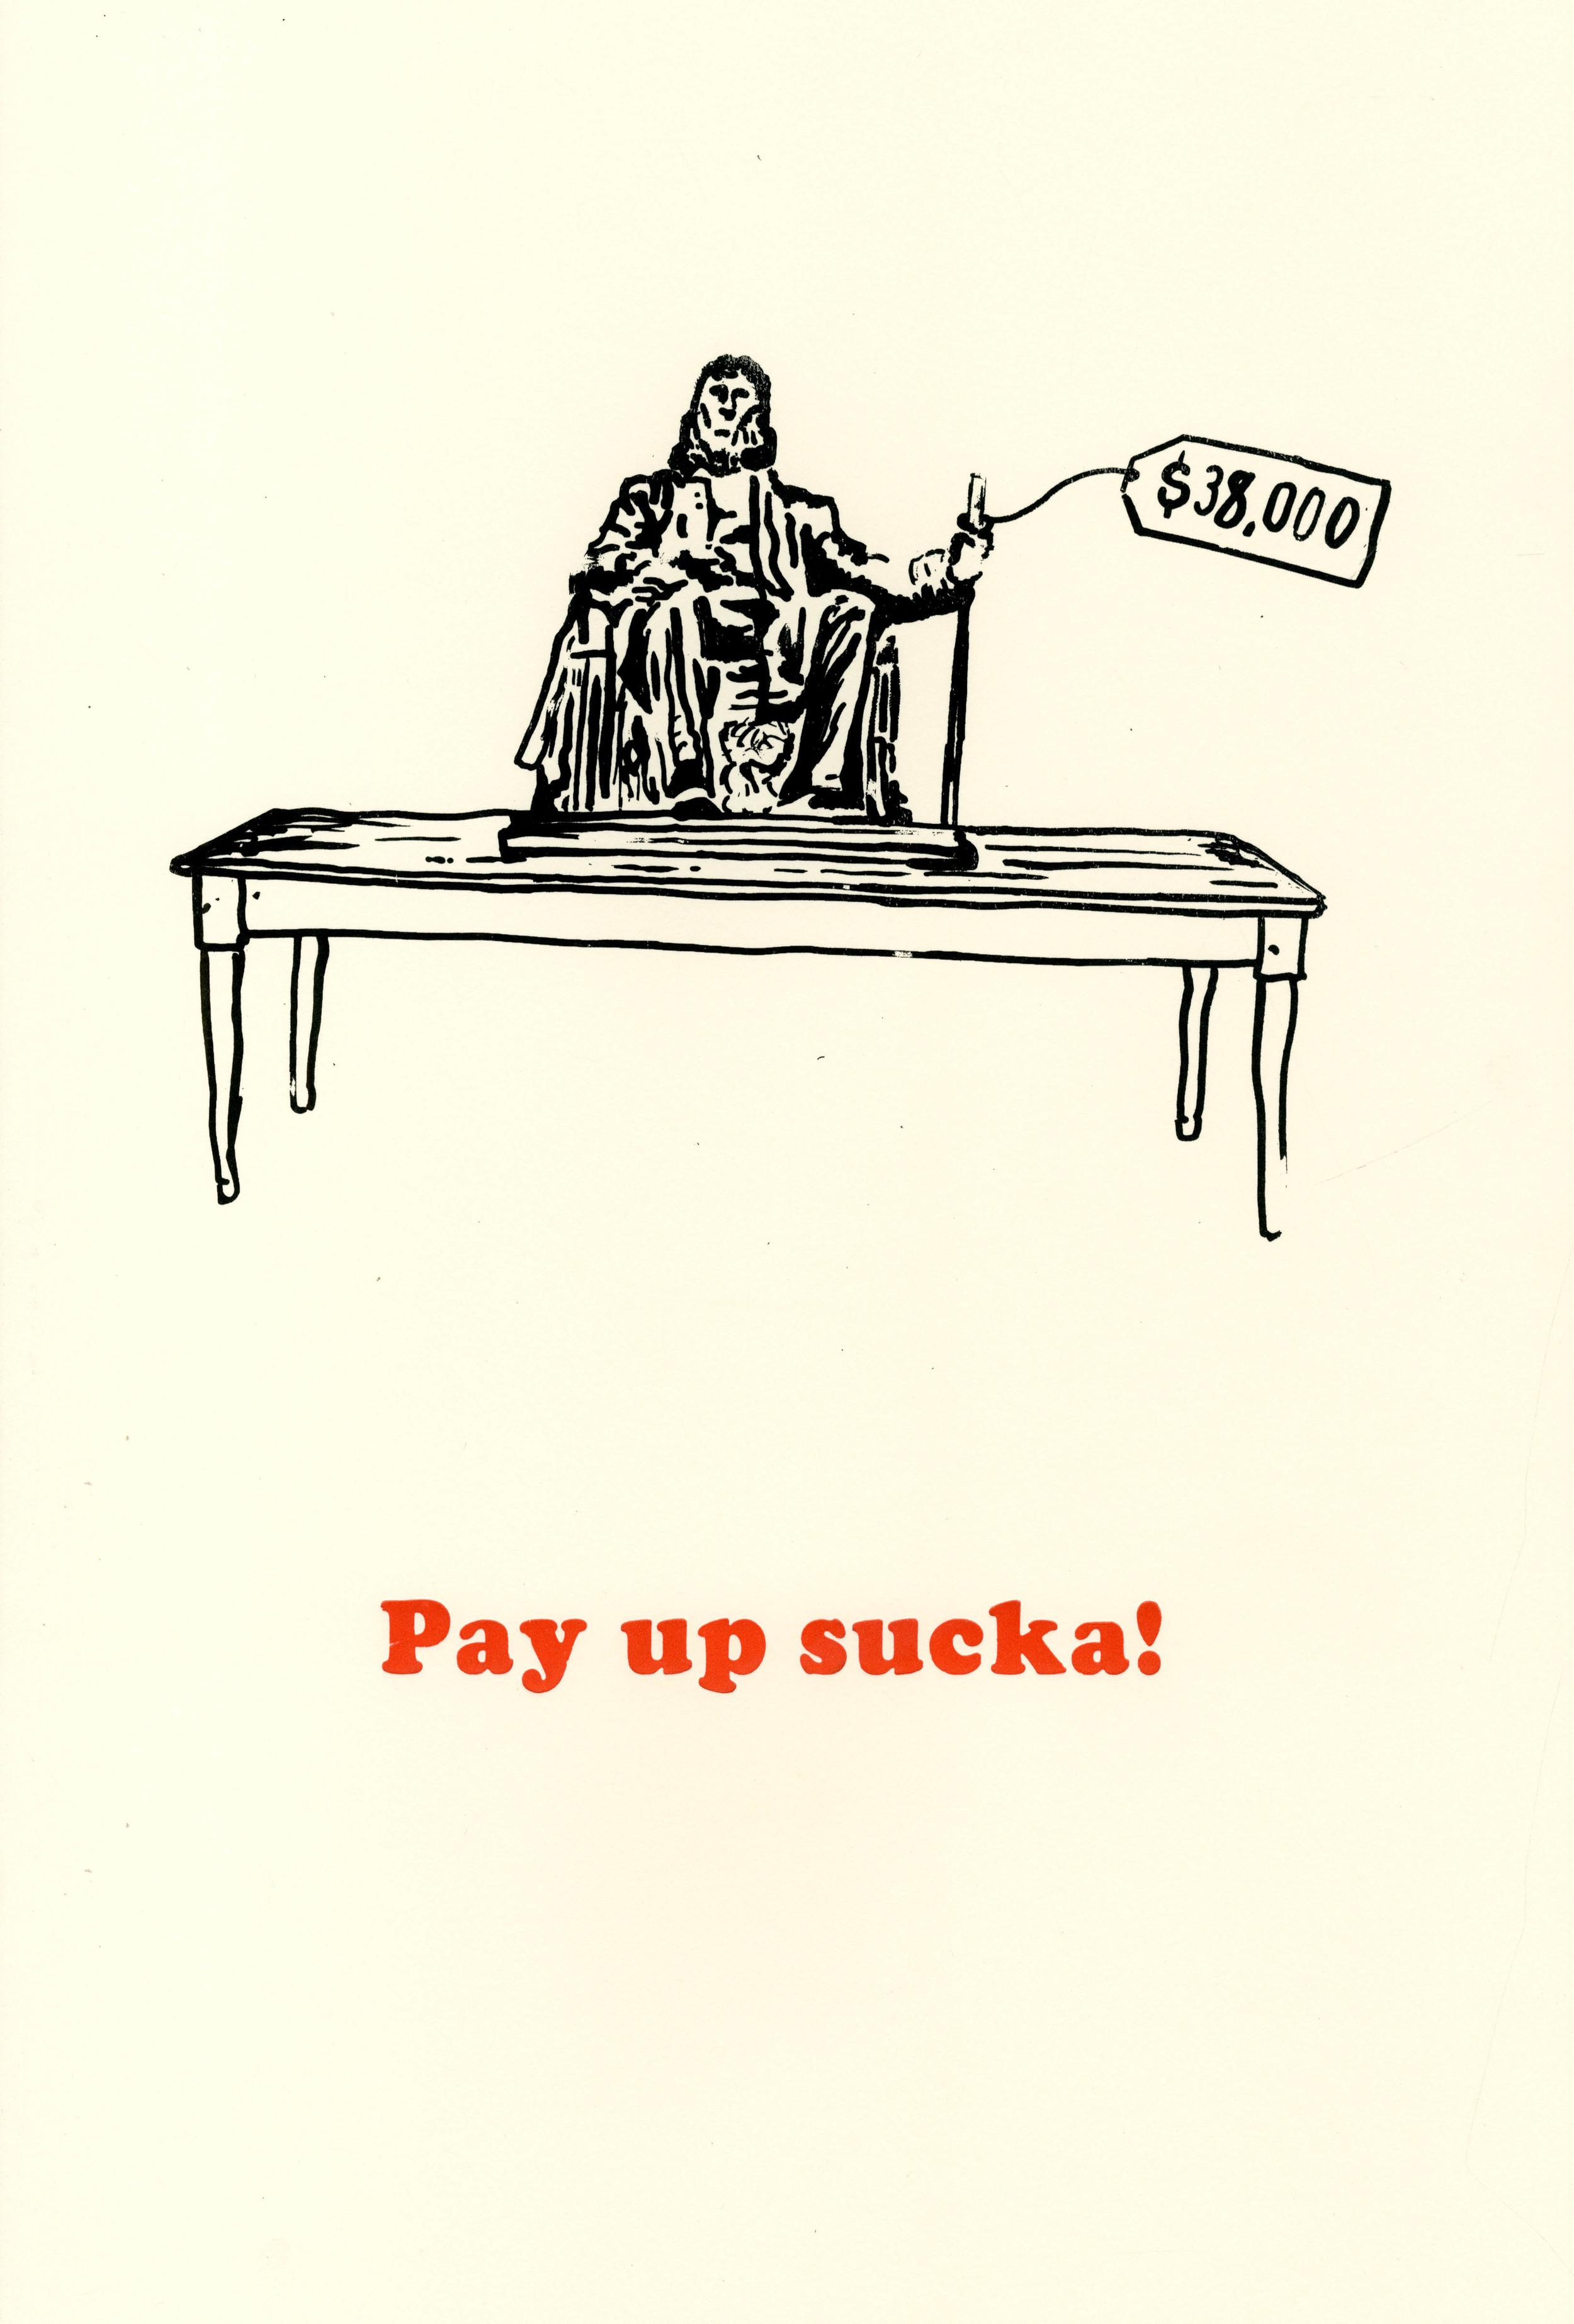 Pay Up Sucka!